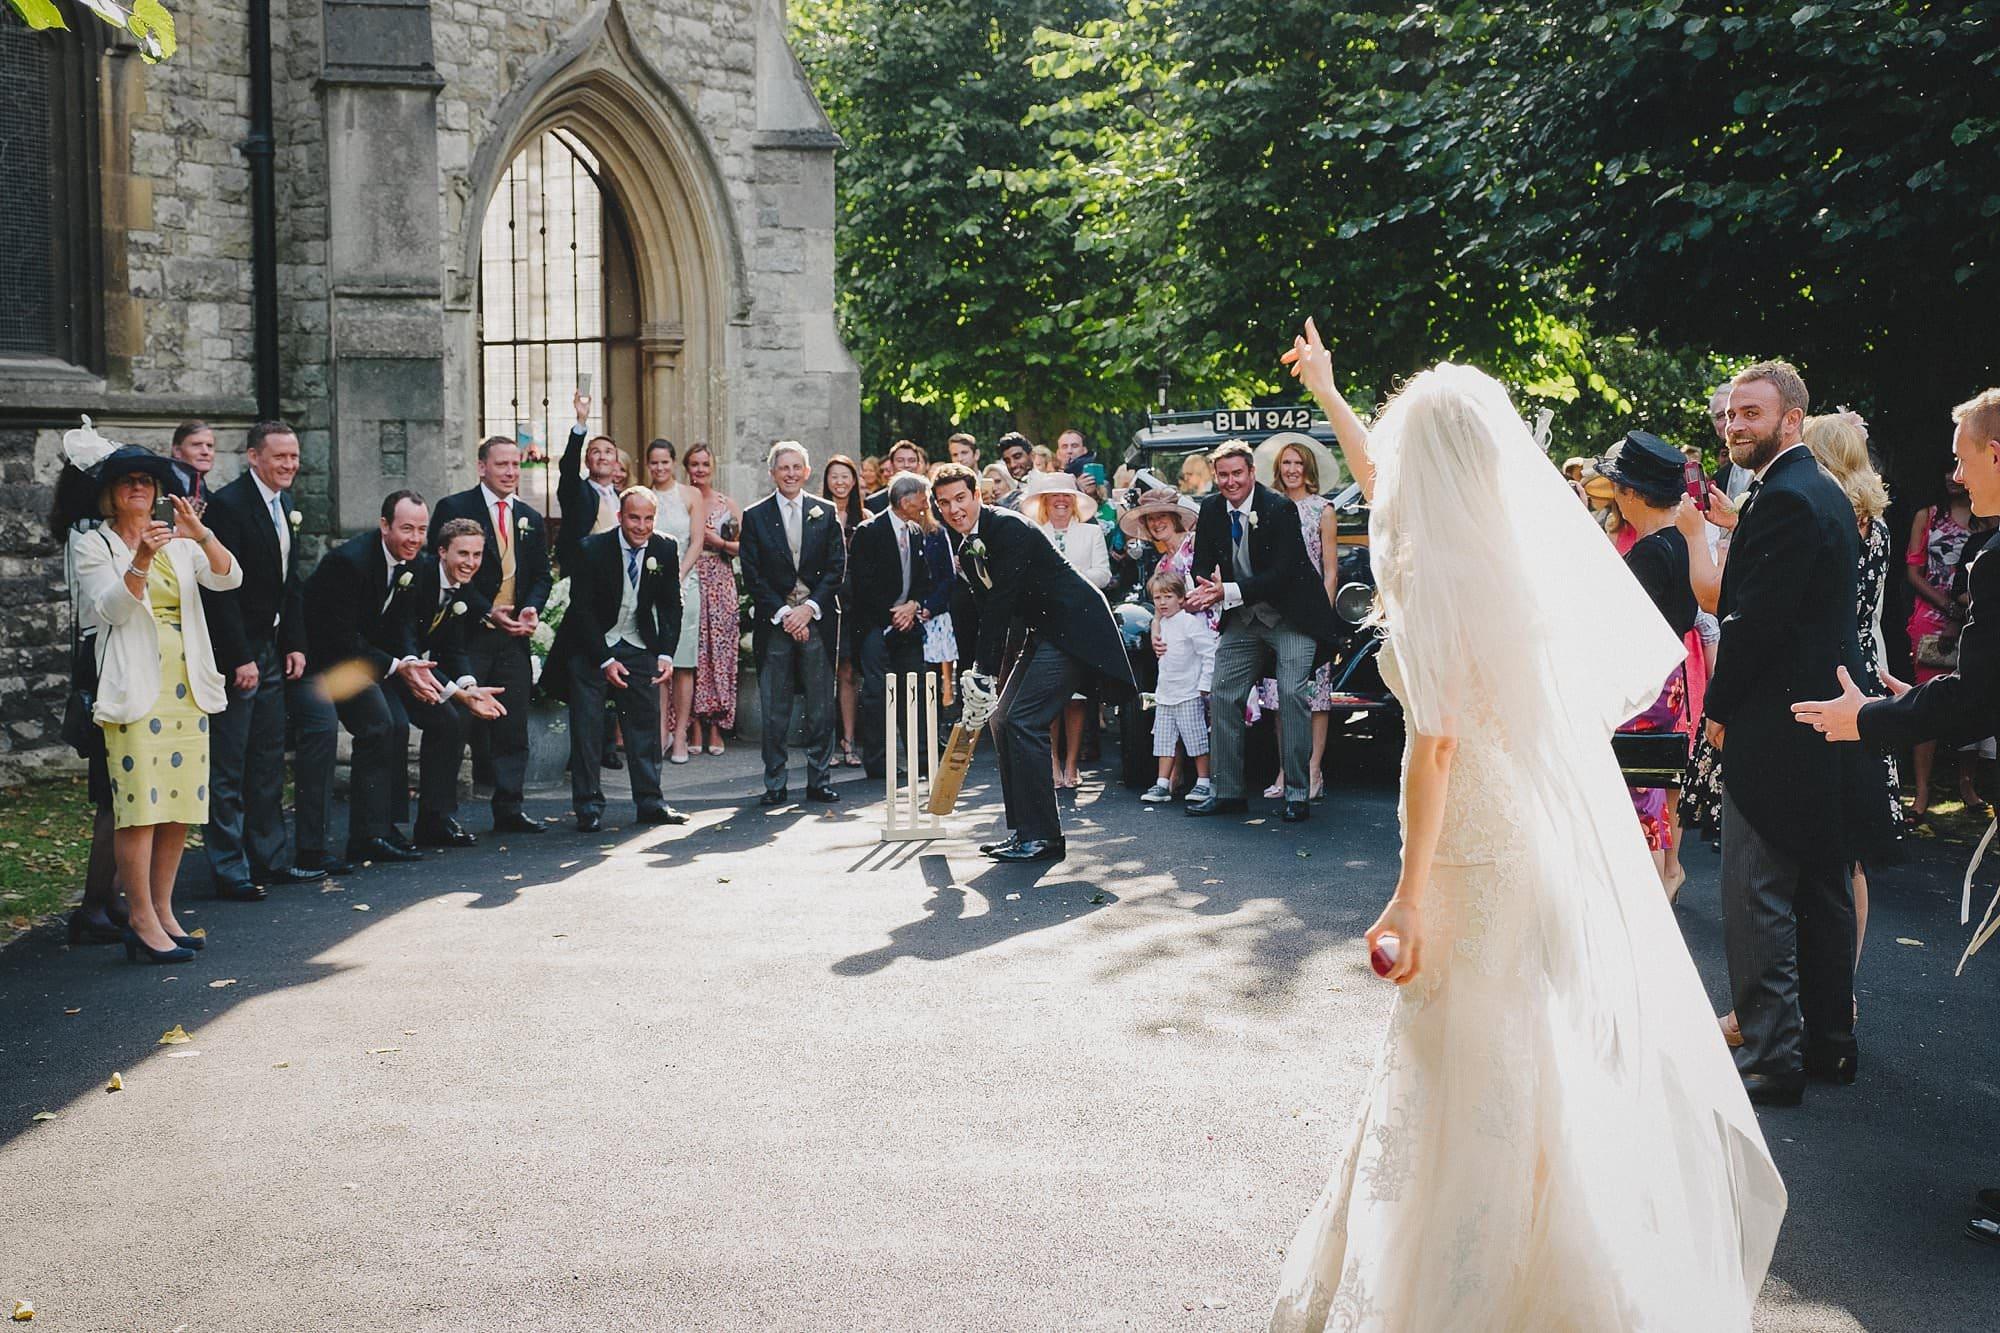 fulham palace wedding photographer 042 - Rosanna & Duncan's Fulham Palace Wedding